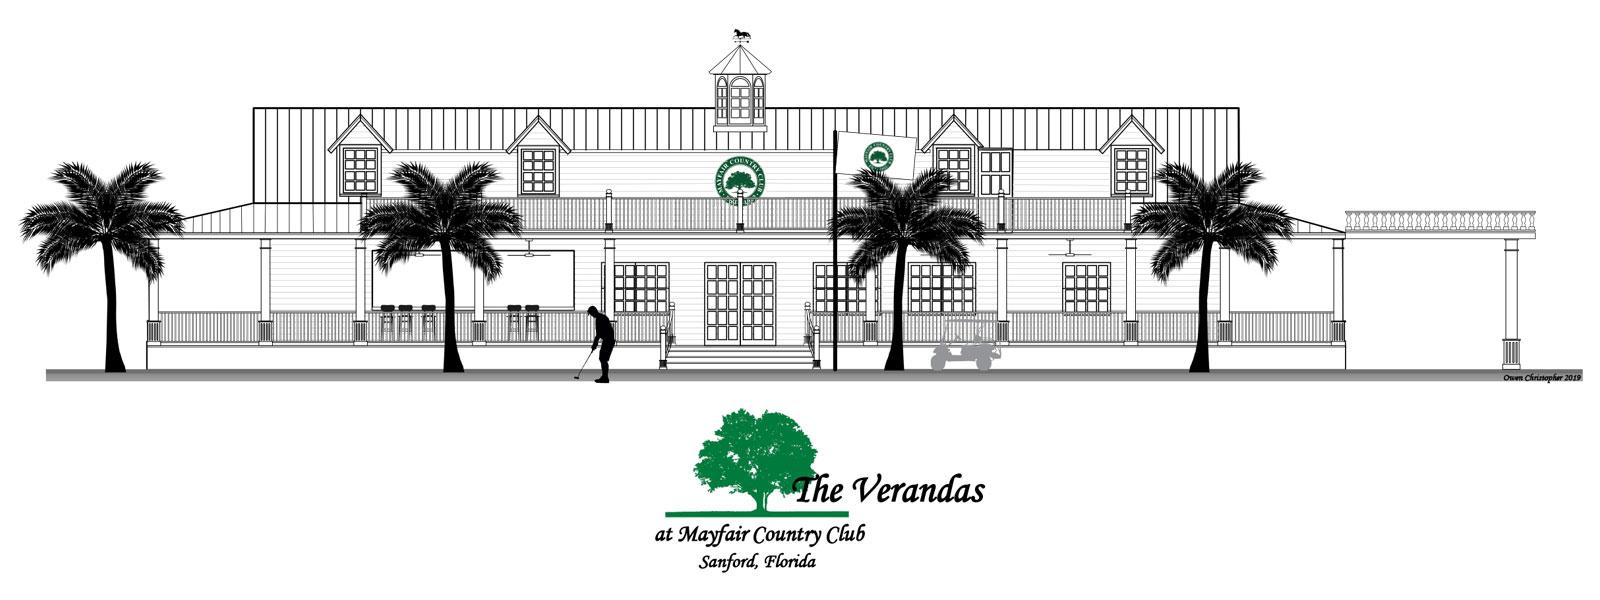 The Verandas at Mayfair Country Club Sanford, Florida